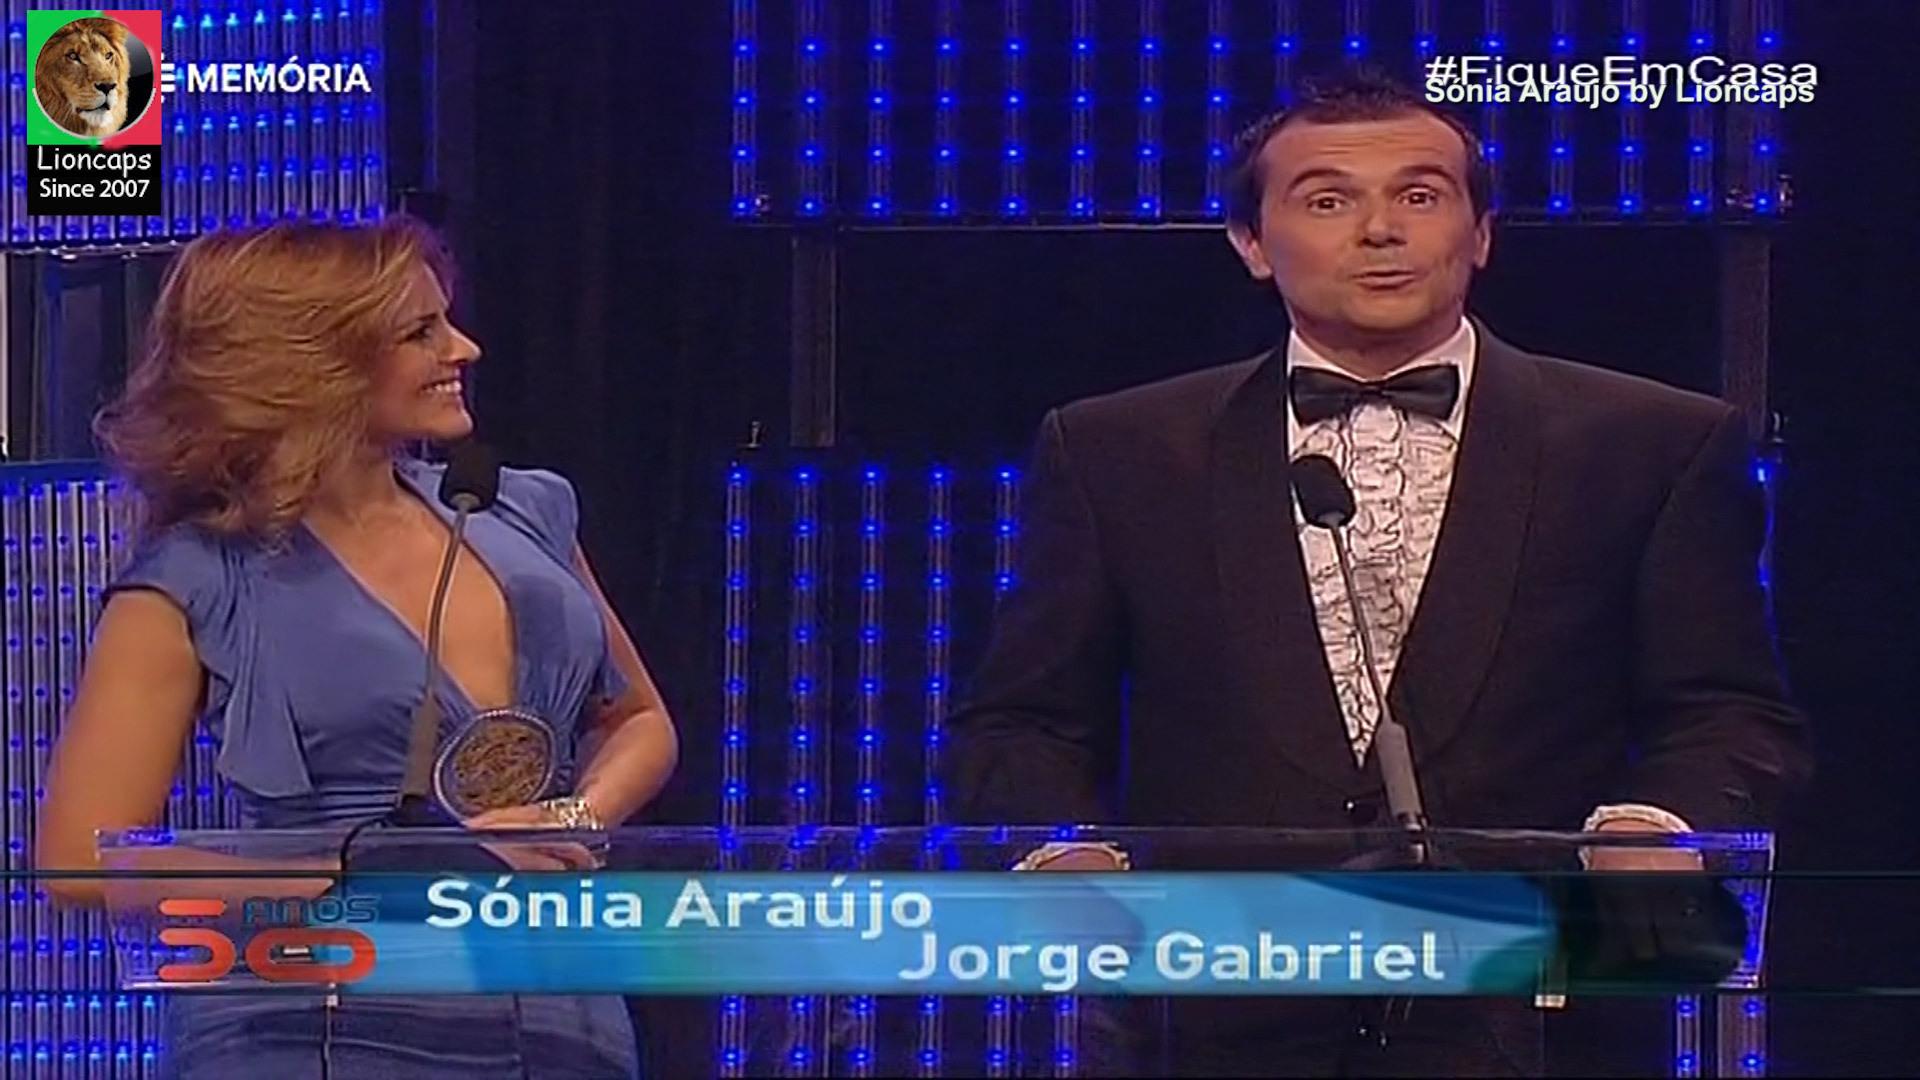 sonia_araujo_gala50anos_lioncaps_16_03_2021 (3).jpg